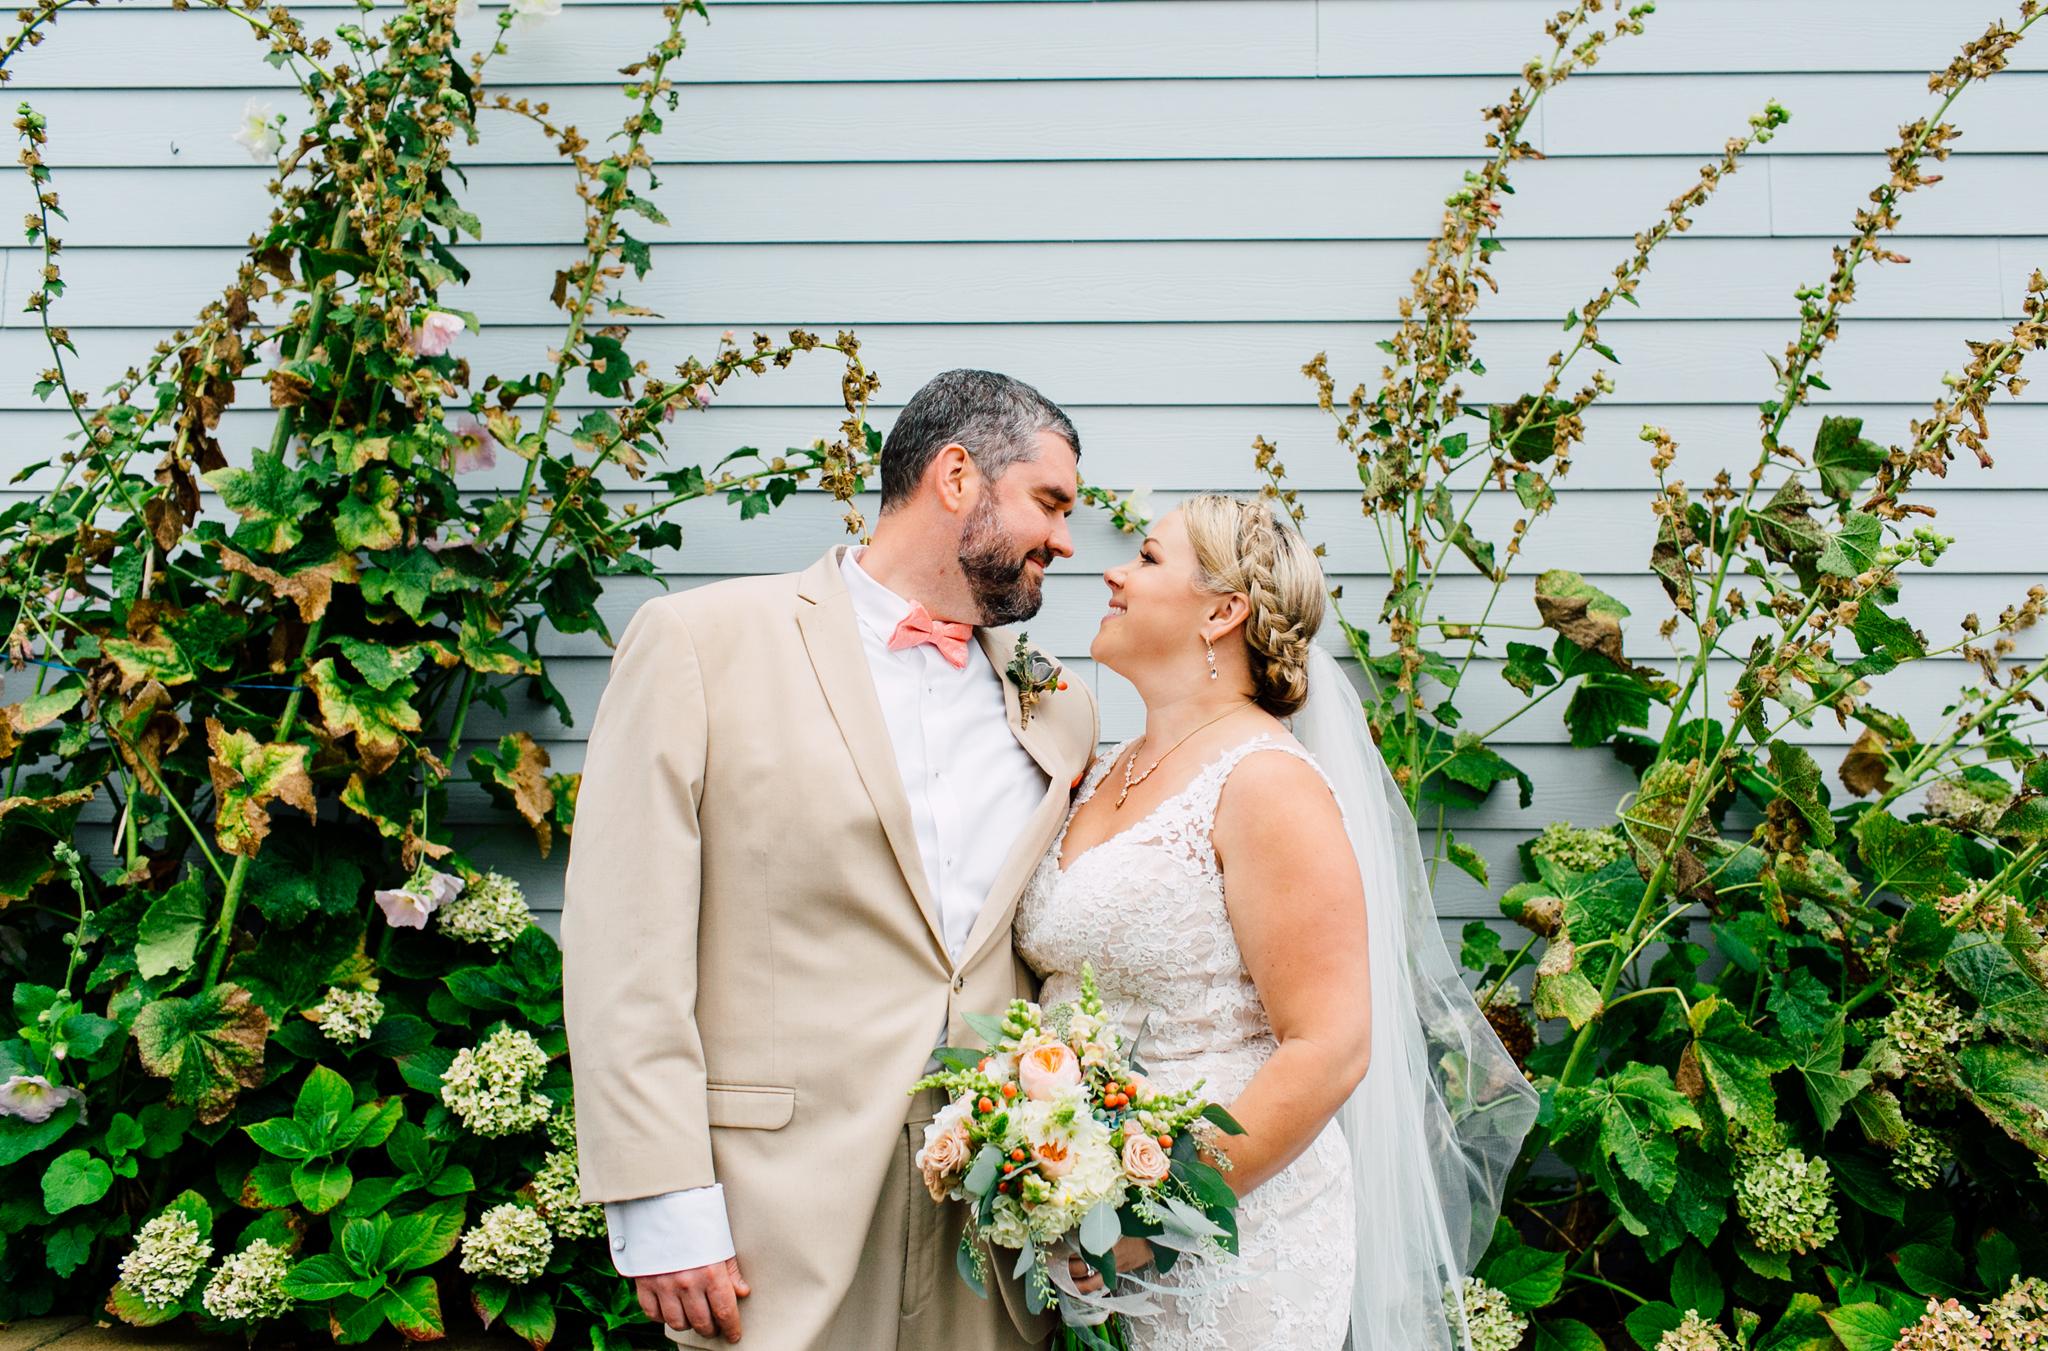 017-bellingham-wedding-photographer-beach-katheryn-moran-elisa-phillip.jpg